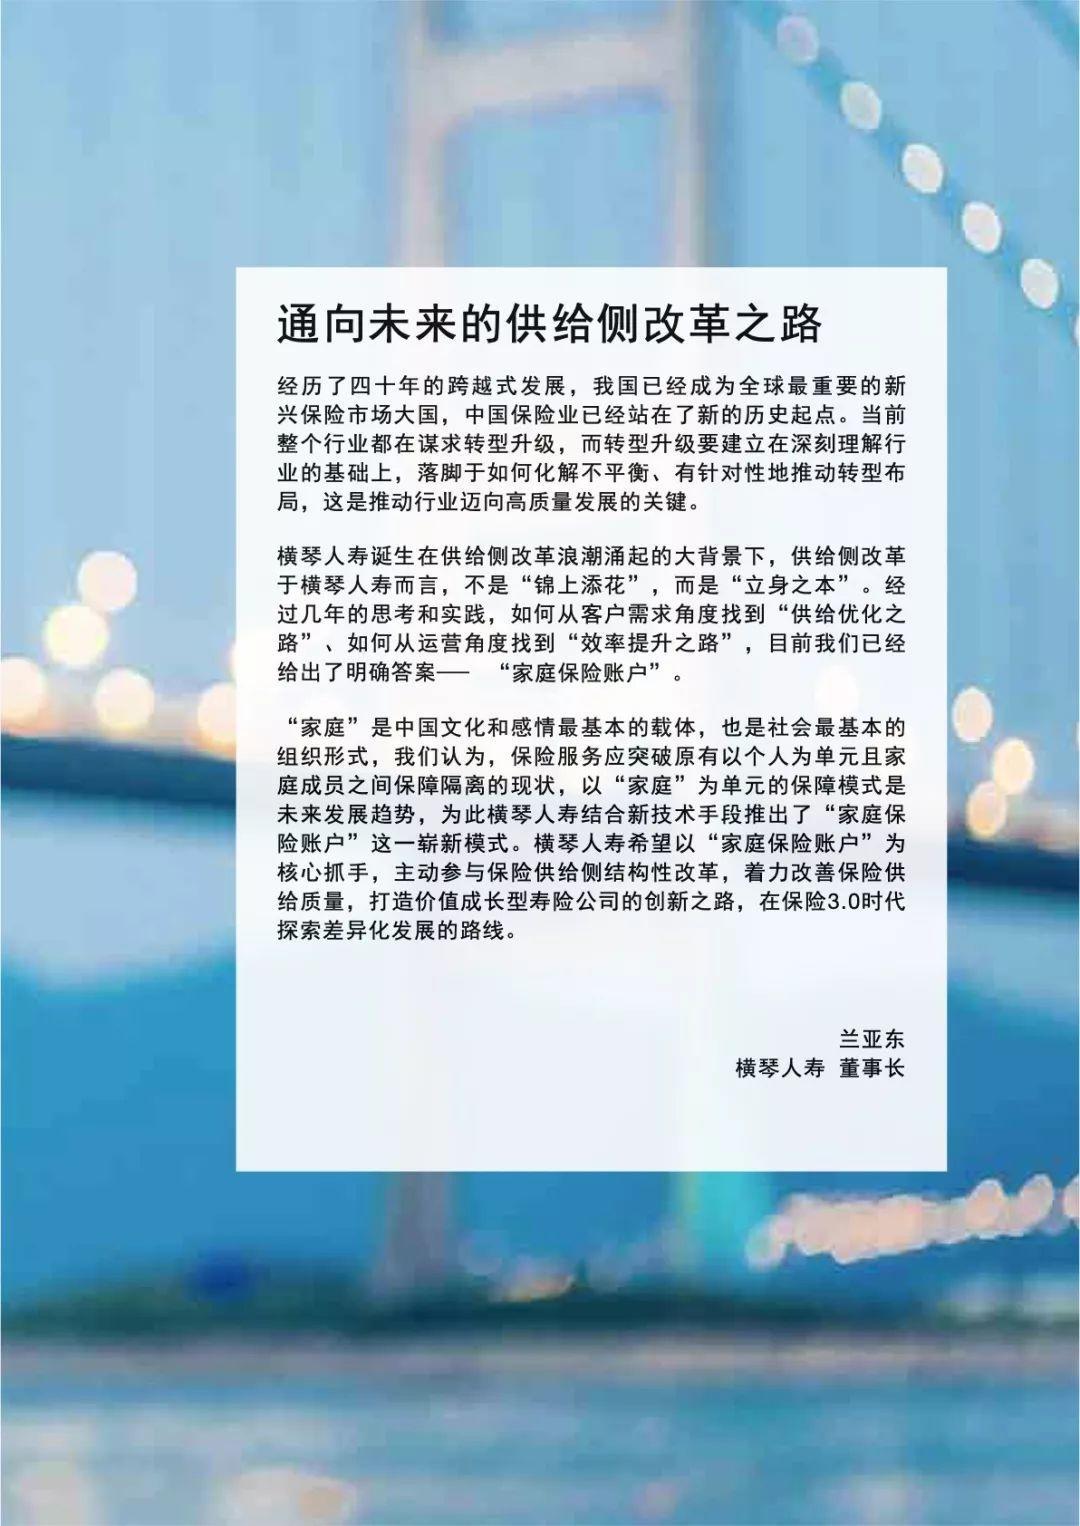 2019中国保险家庭账户白皮书